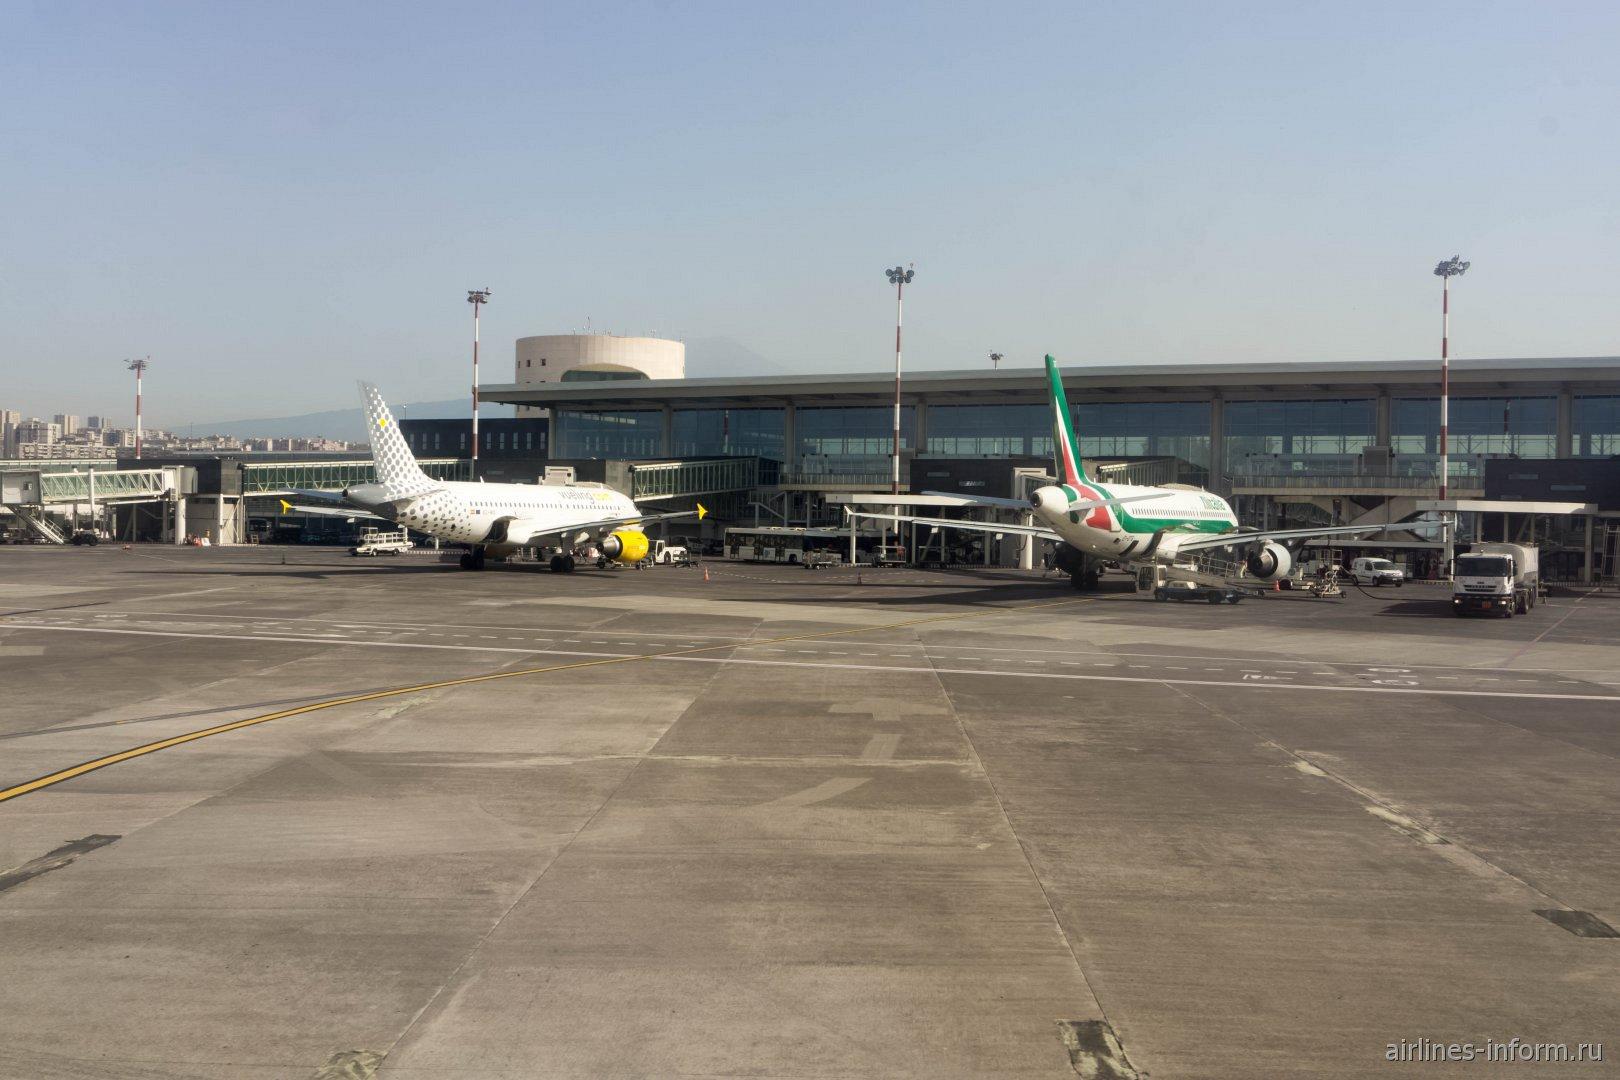 Самолеты у пассажирского терминала аэропорта Катания-Фонтанаросса